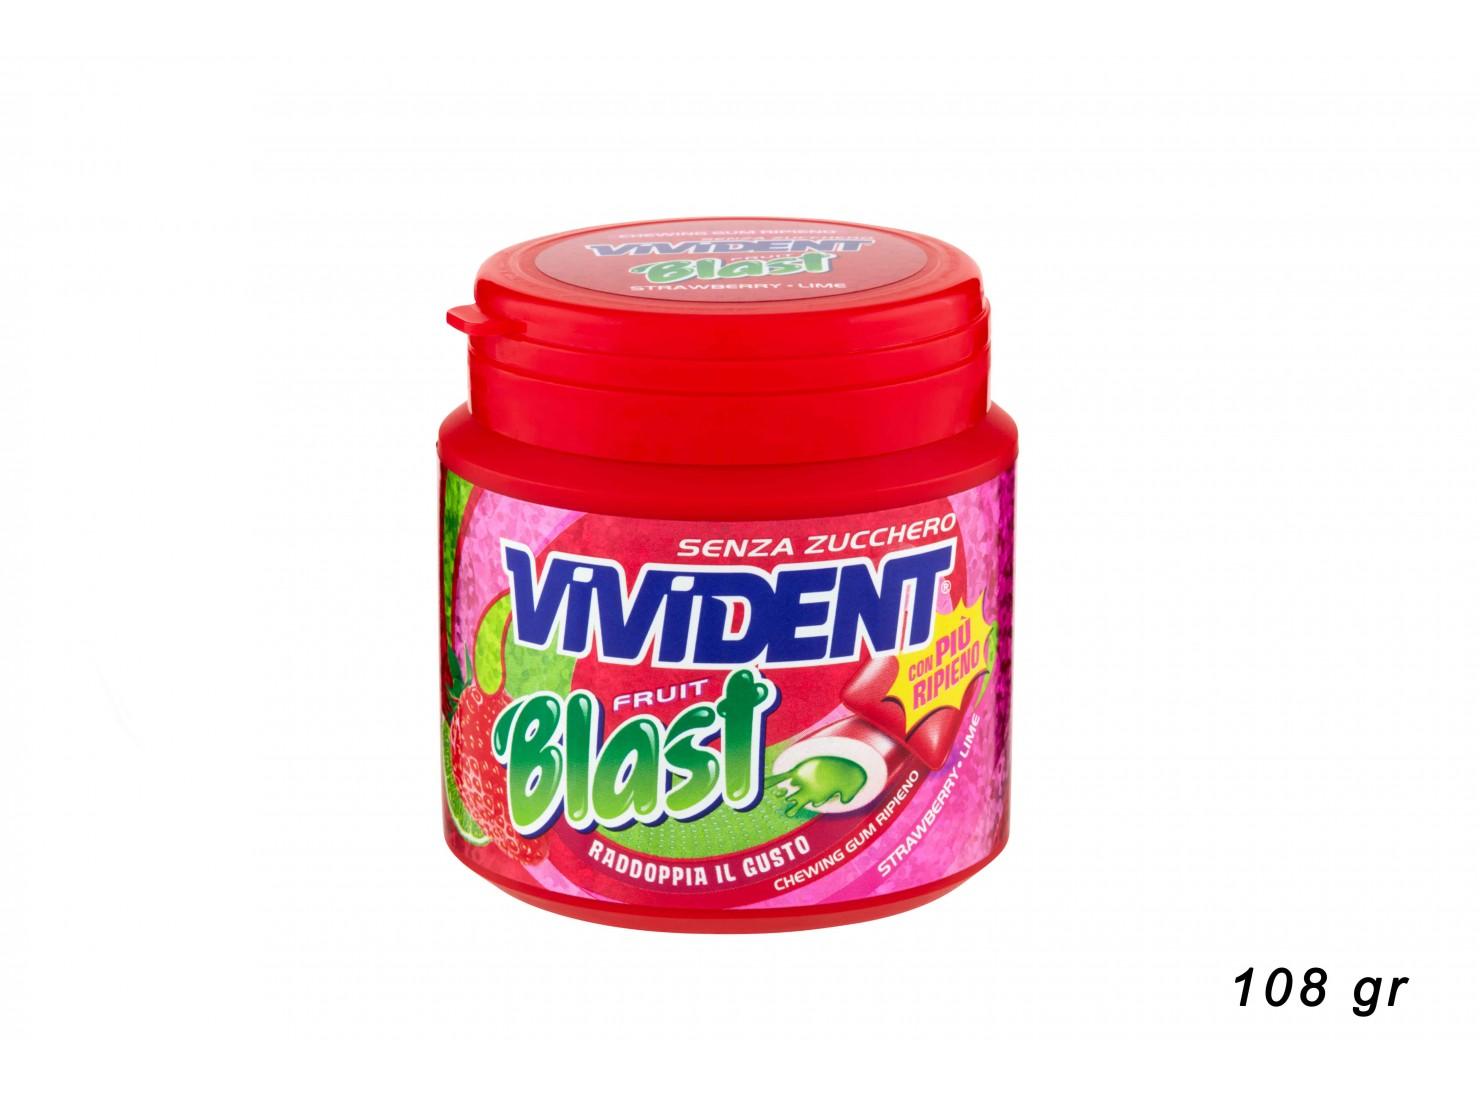 VIVIDENT BLAST BOTTLE...